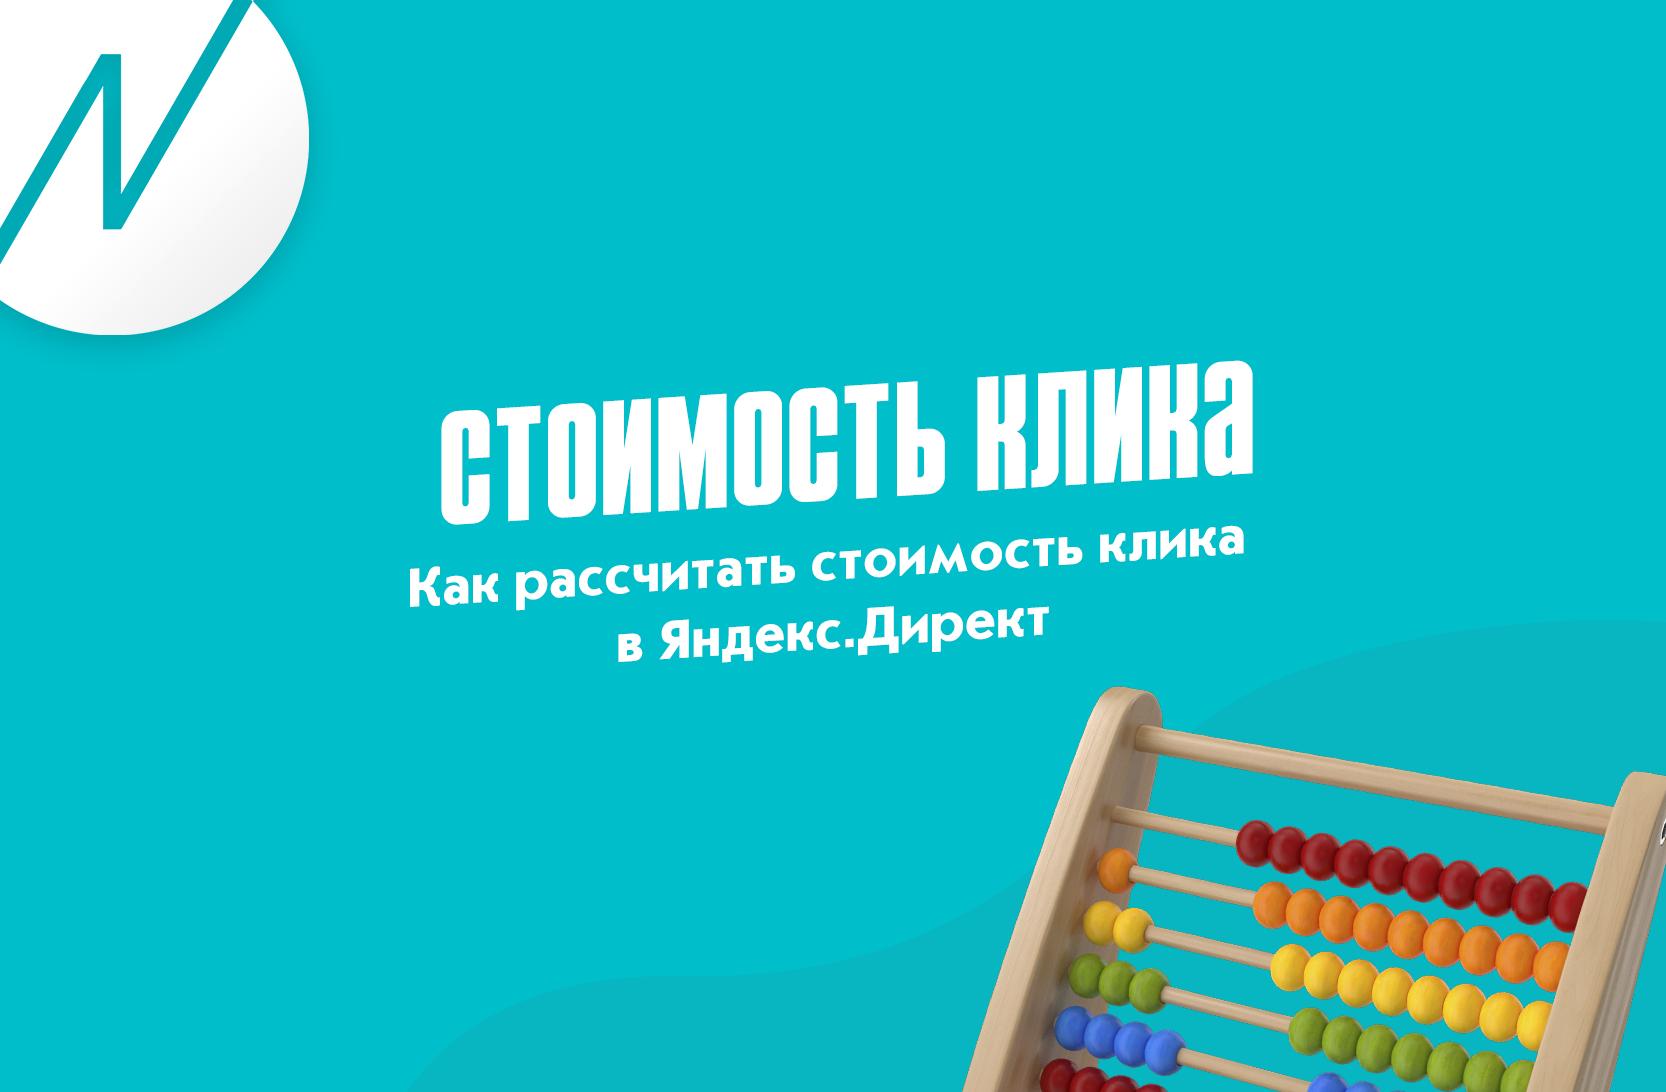 Как рассчитать стоимость клика в Яндекс.Директ